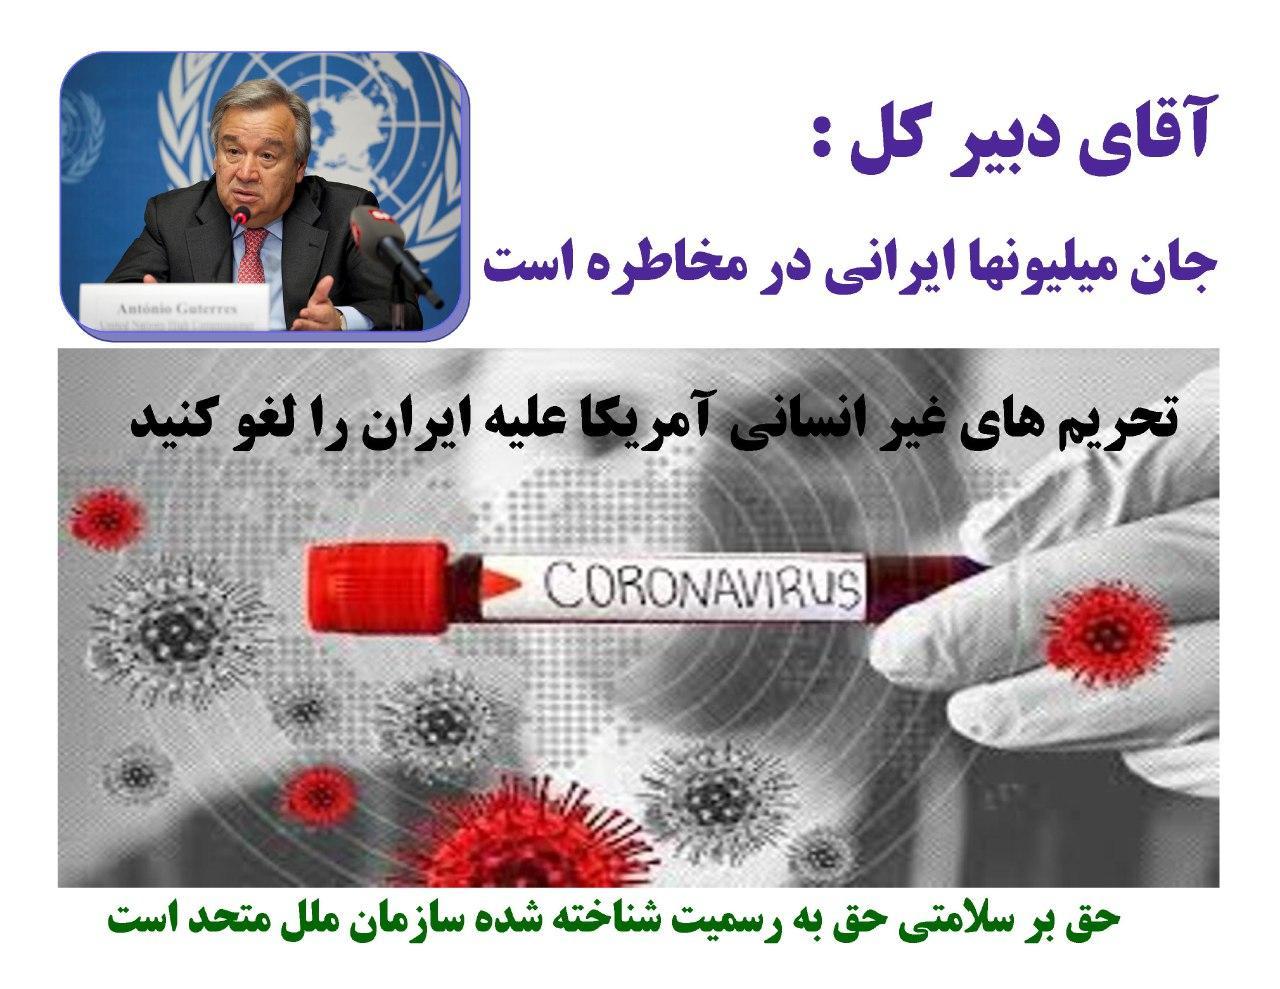 نامه سرگشاده سازمان های مردم نهاد با ۳۴۳ سازمان مردم نهاد به دبیرکل سازمان ملل متحد منتشر شد